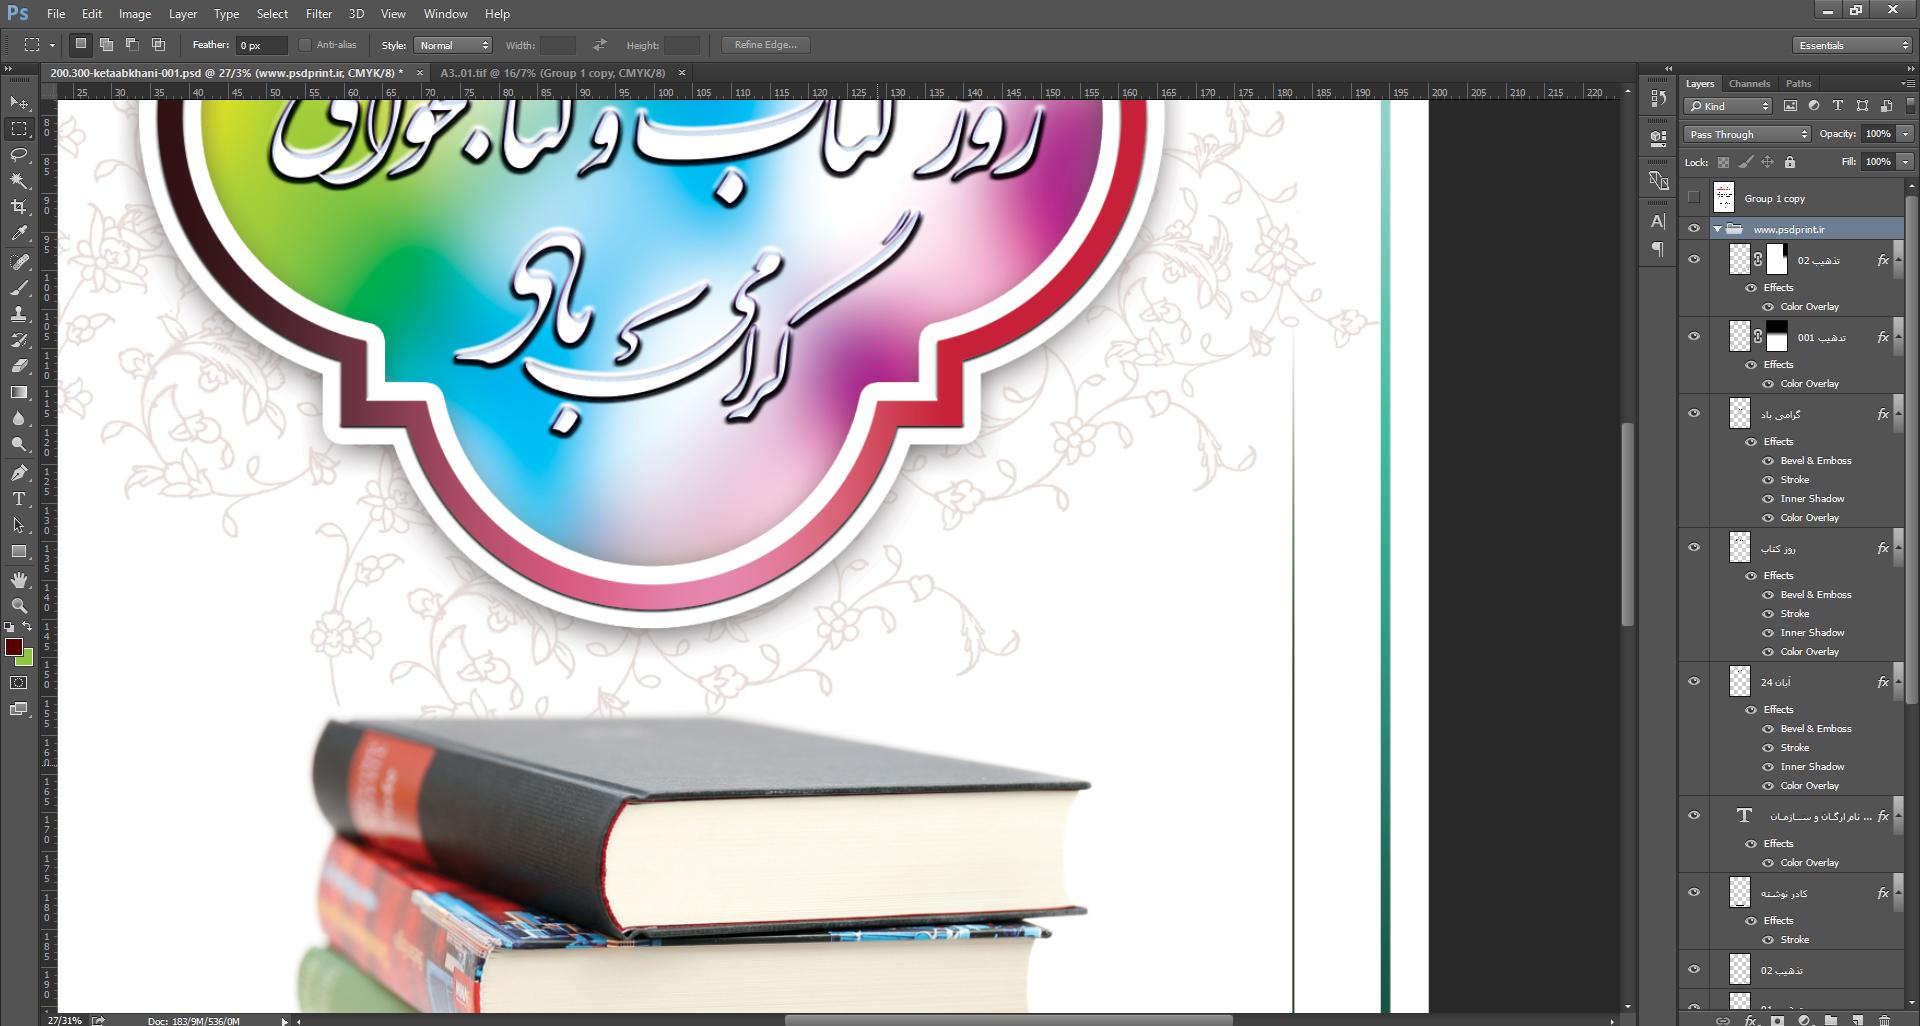 پوستر روز کتاب و کتابخوانی لایه باز